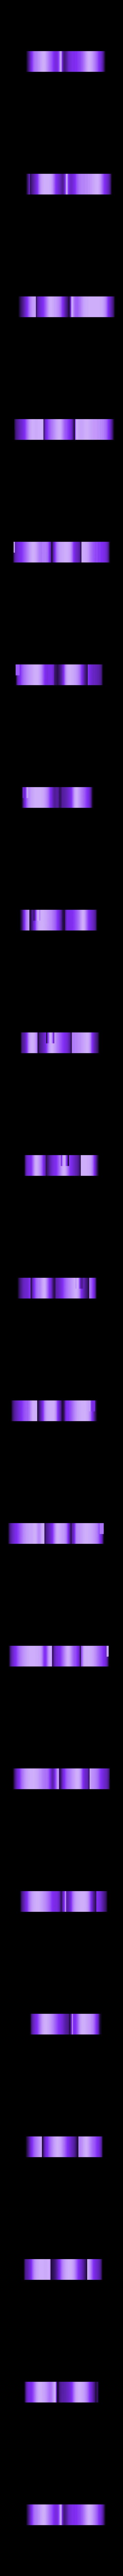 Part_Studio_1_-_Flower3.stl Download free STL file Hedgehog 3D • 3D printer design, crprinting